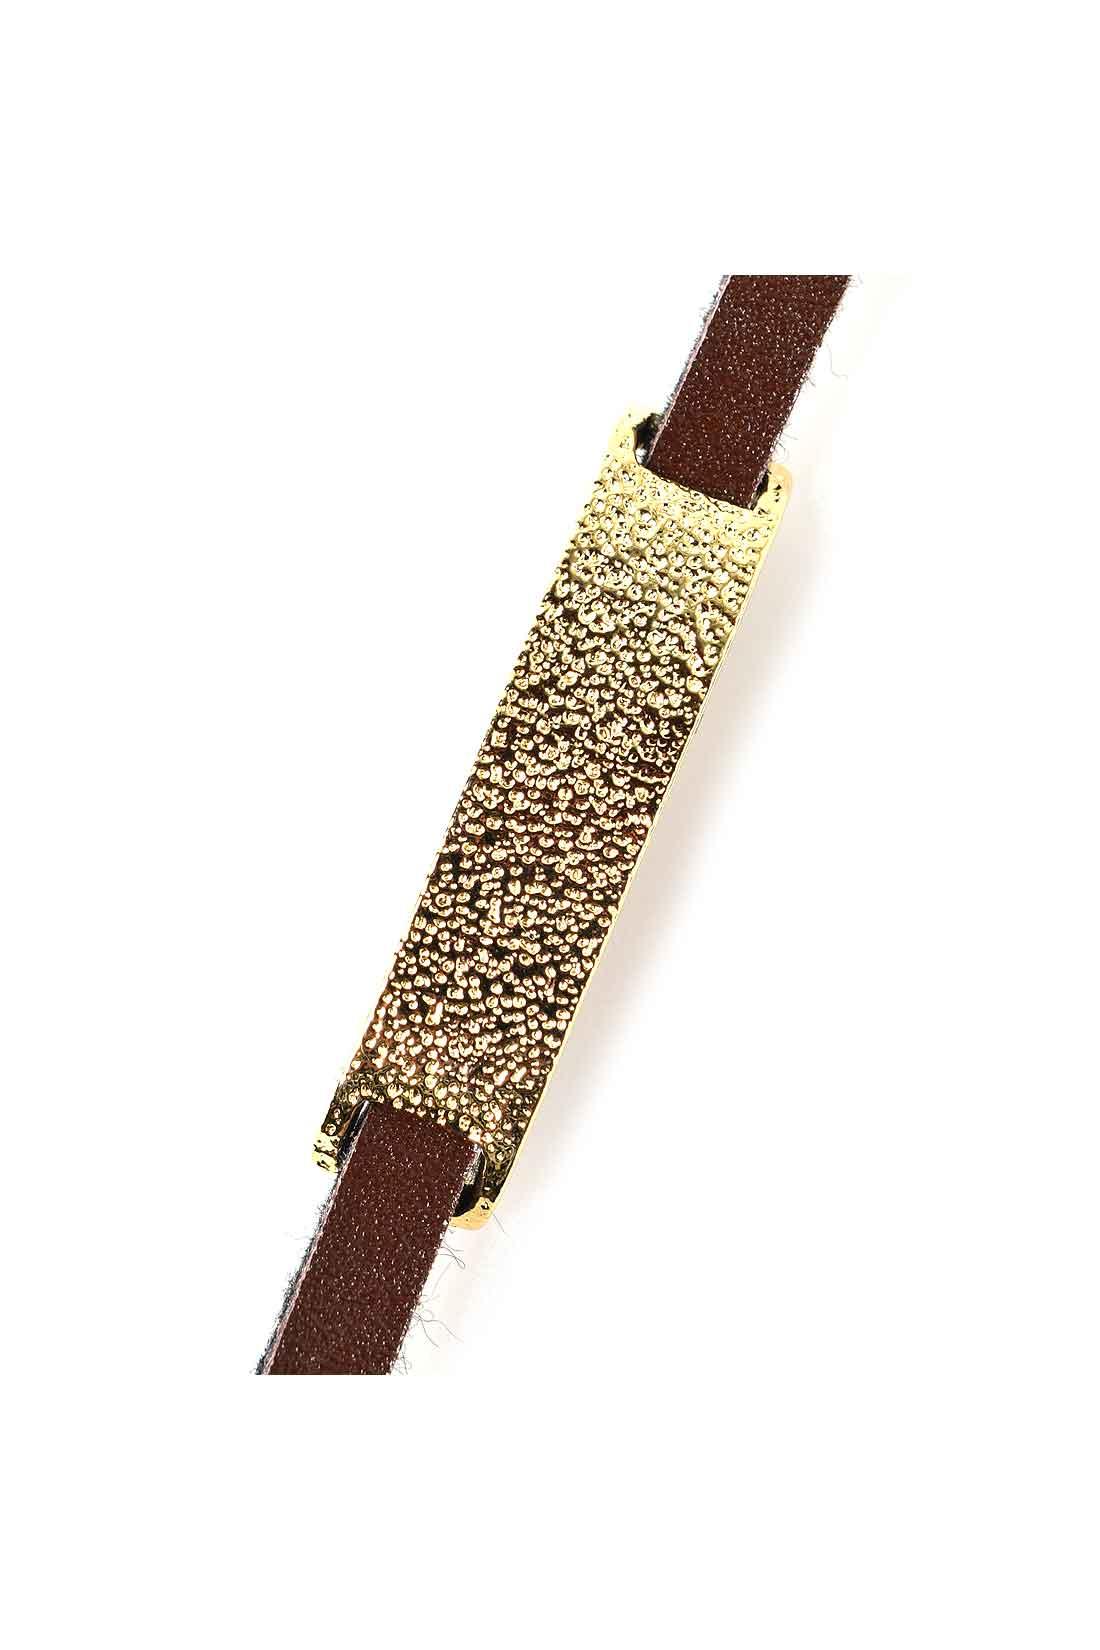 〈槌目〉のゴールドプレートと本革を使用。